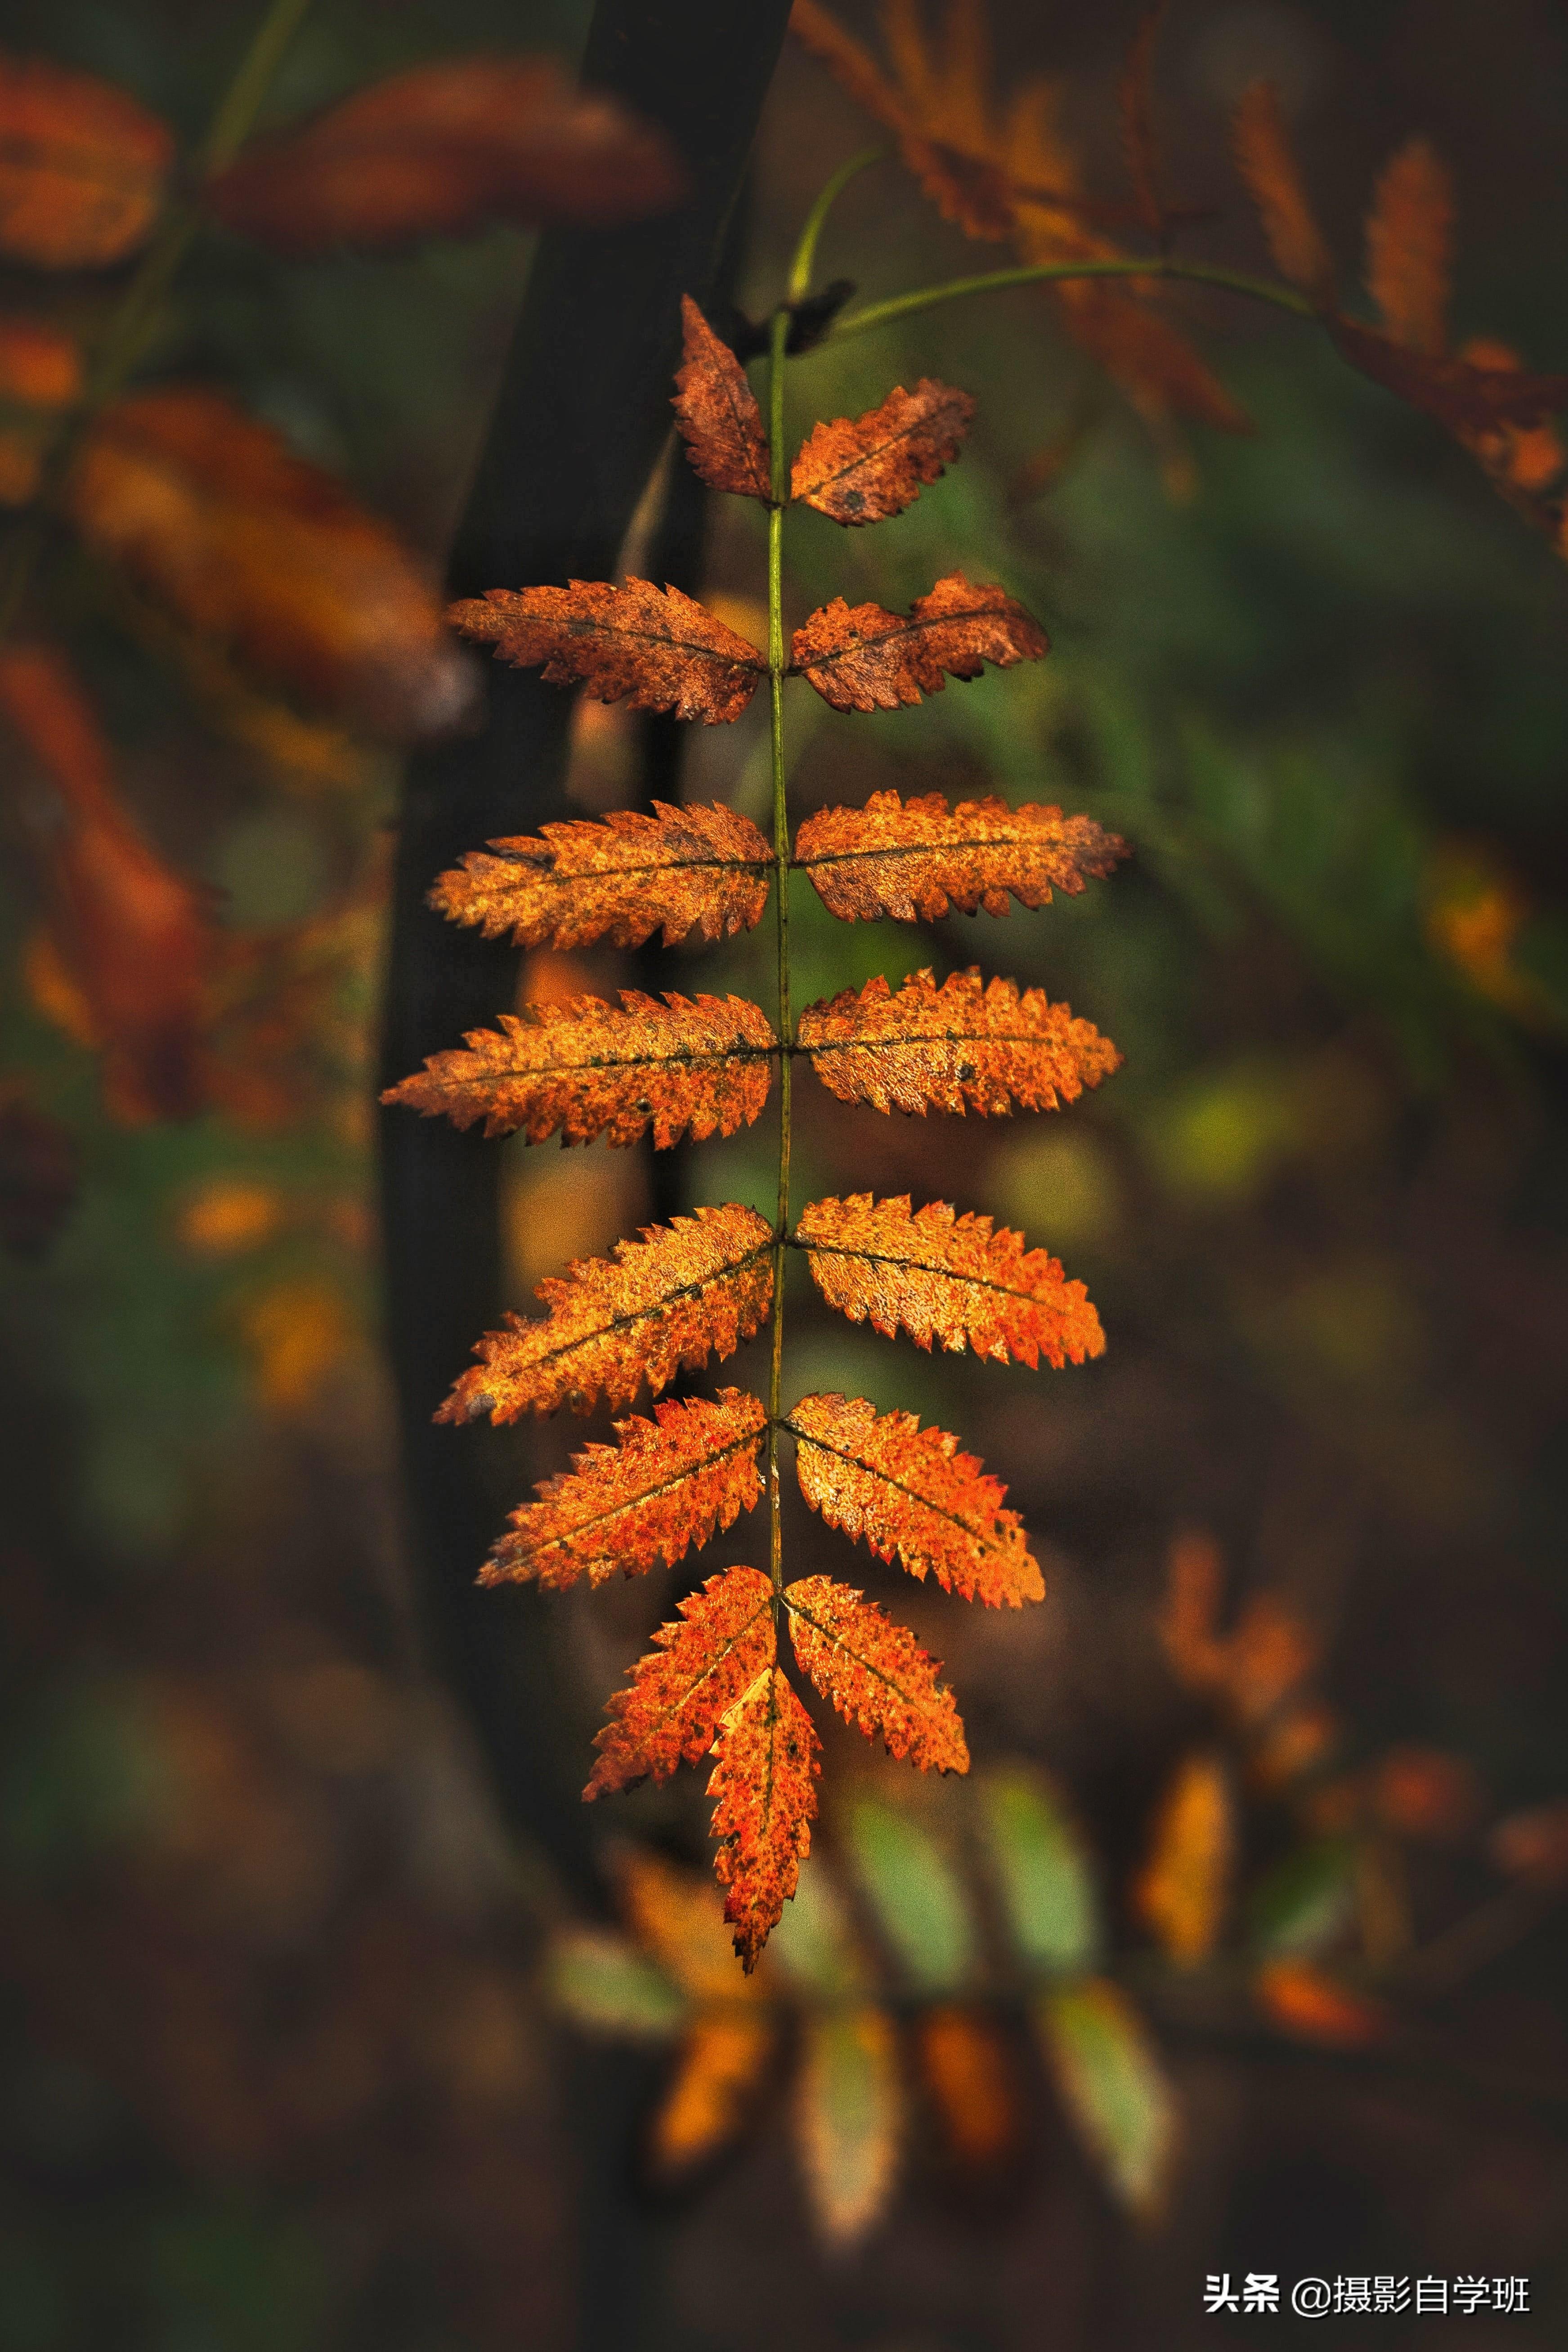 秋天叶子这么拍太美啦!秋叶11大摄影技巧,用27张照片对比讲